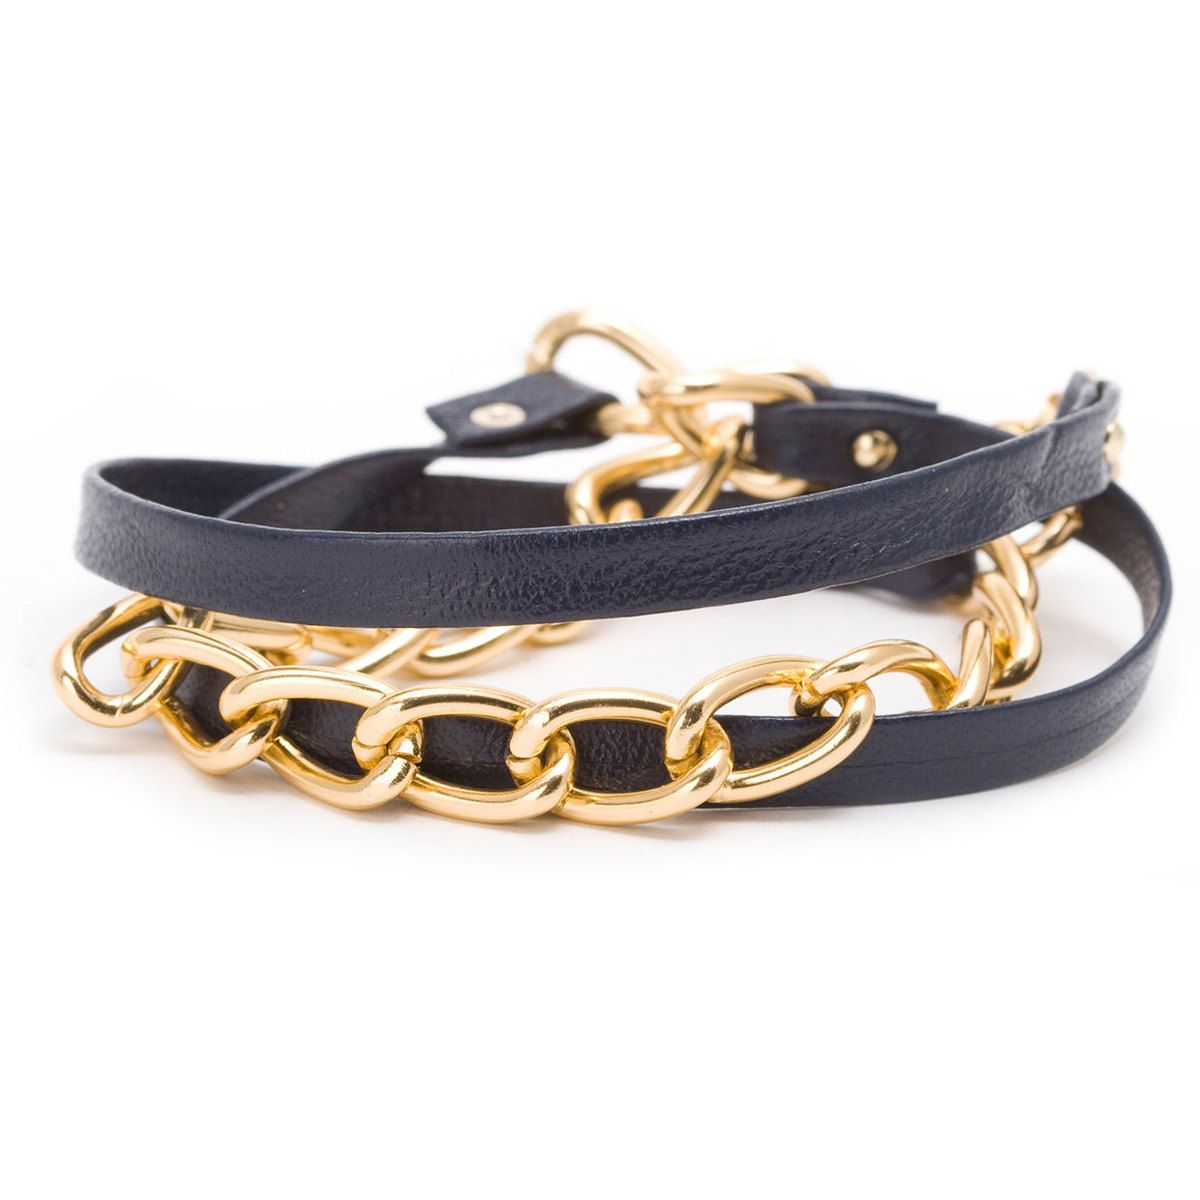 chain wrap bracelet by gorjana.